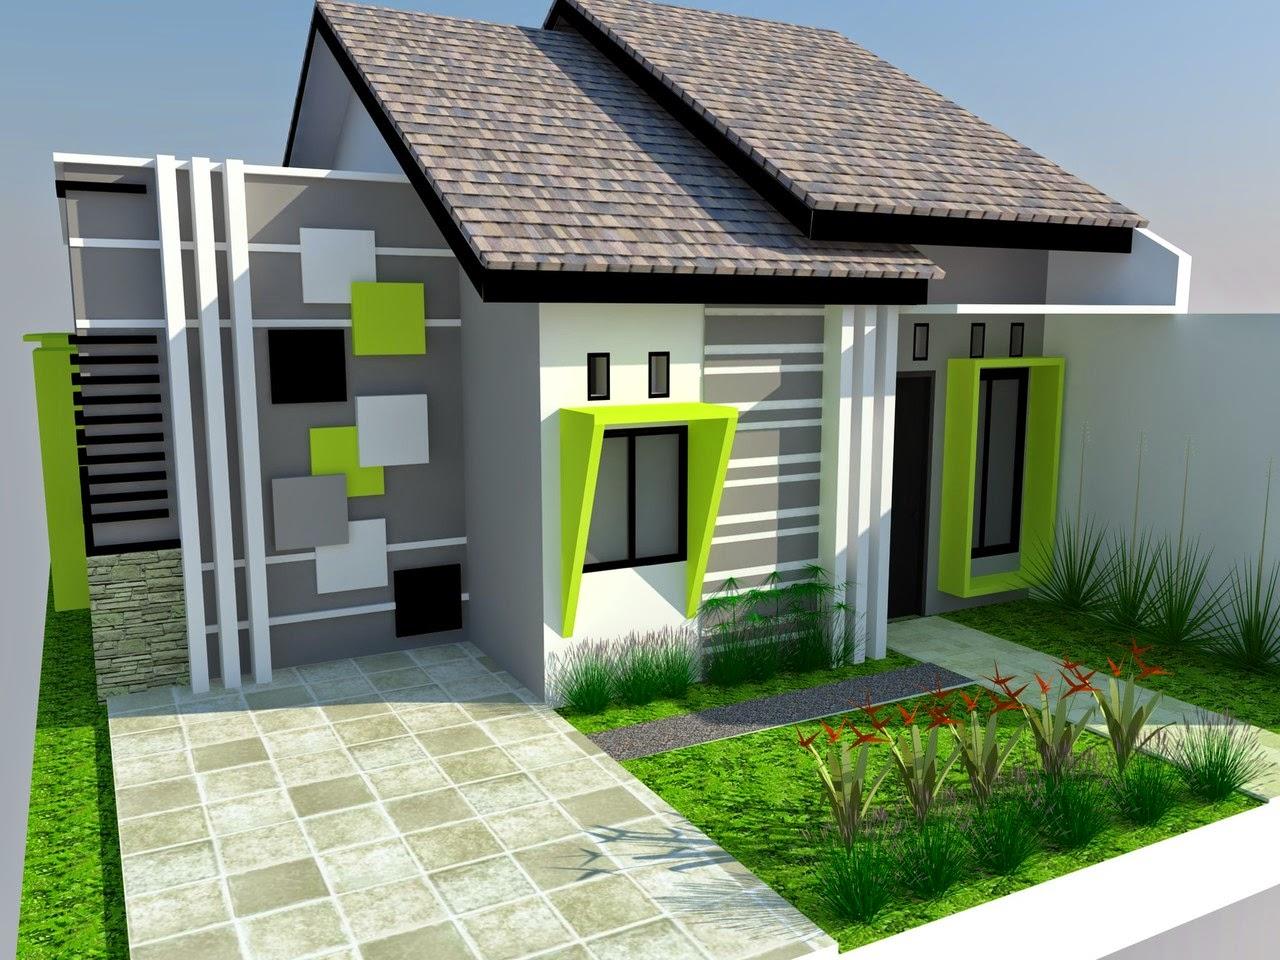 65 Gambar Rumah Sederhana Minimalis Yang Terlihat Mewah 3000